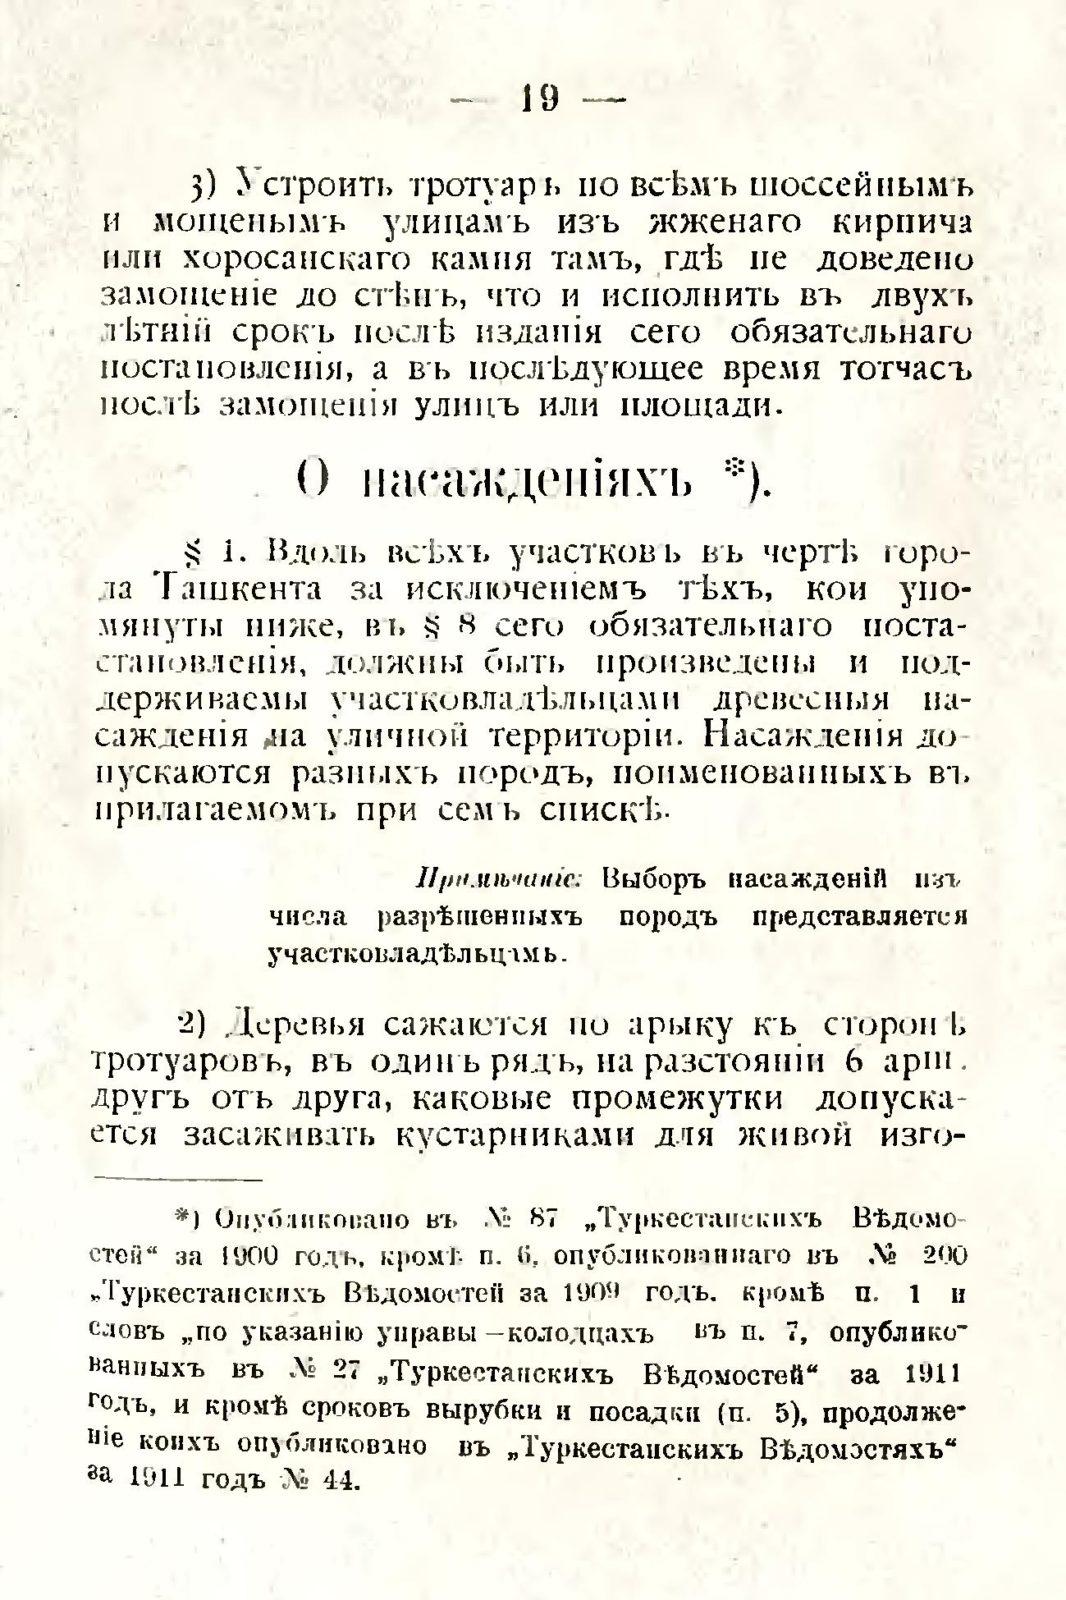 sbornik_obyazatelnyh_postanovlenii_tashkentskoi_gorodskoi_du_23